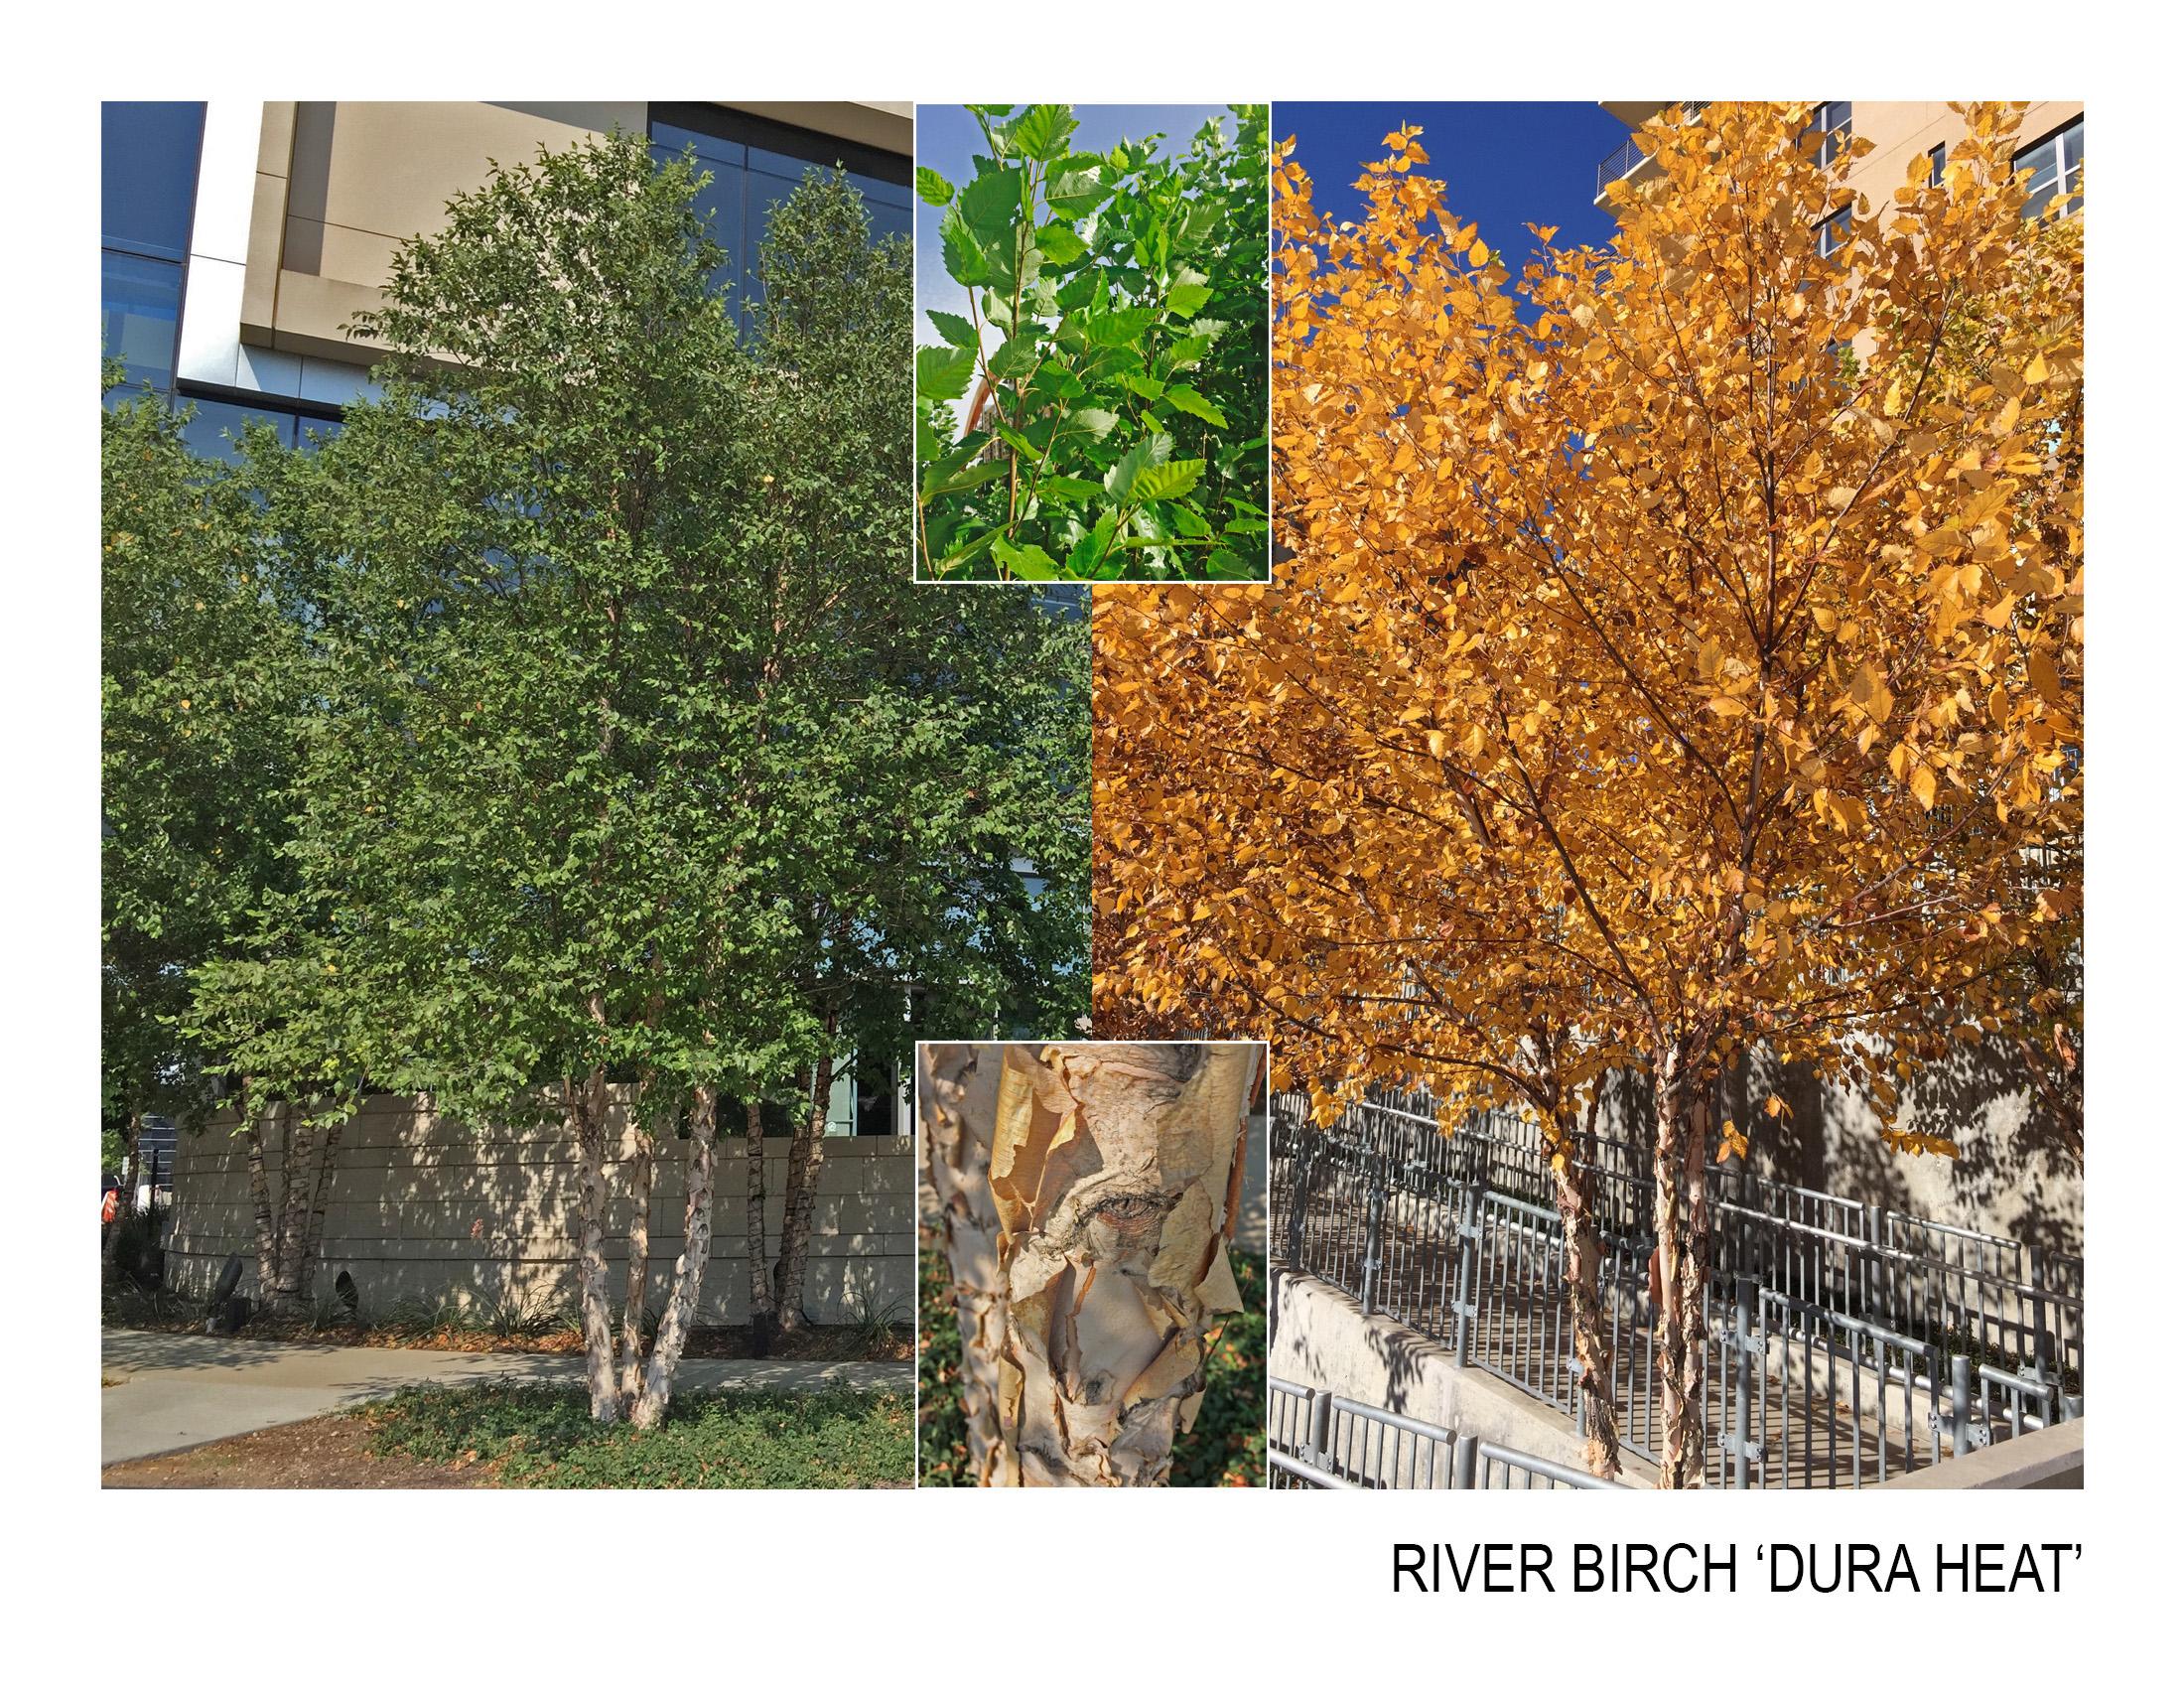 river birch 'dura heat'.jpg